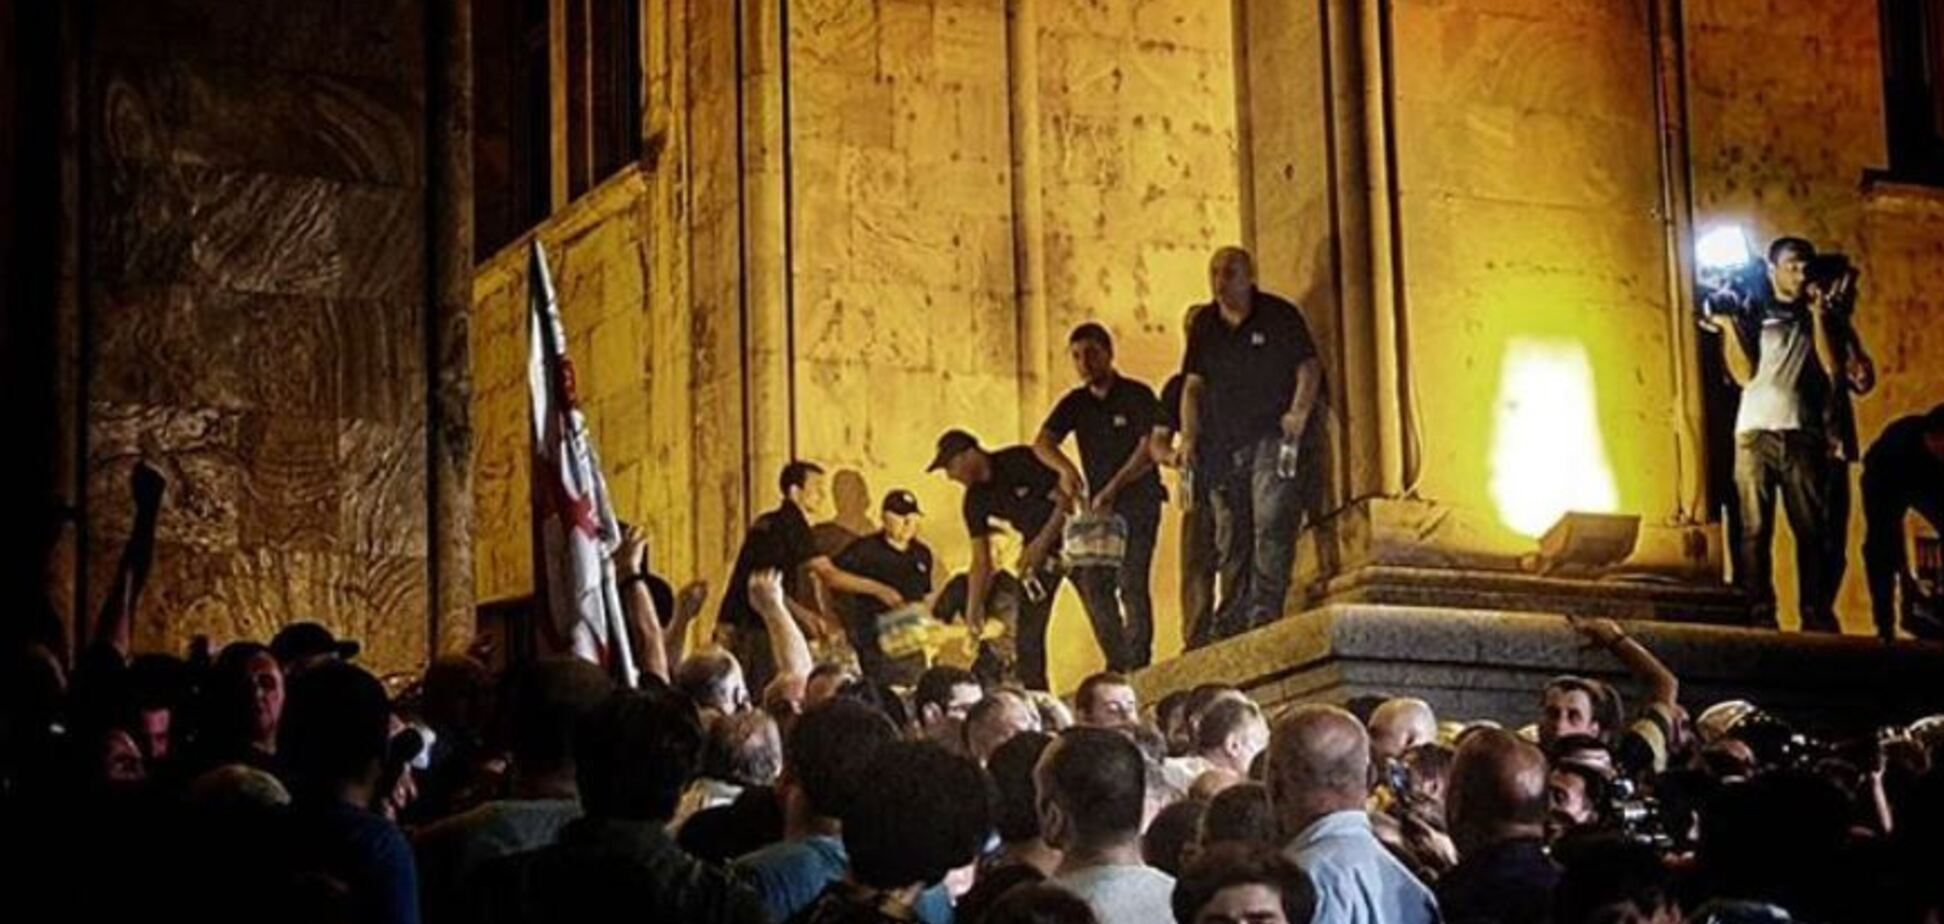 Антиросійські протести в Тбілісі: протестувальники увірвалися до будівлі парламенту